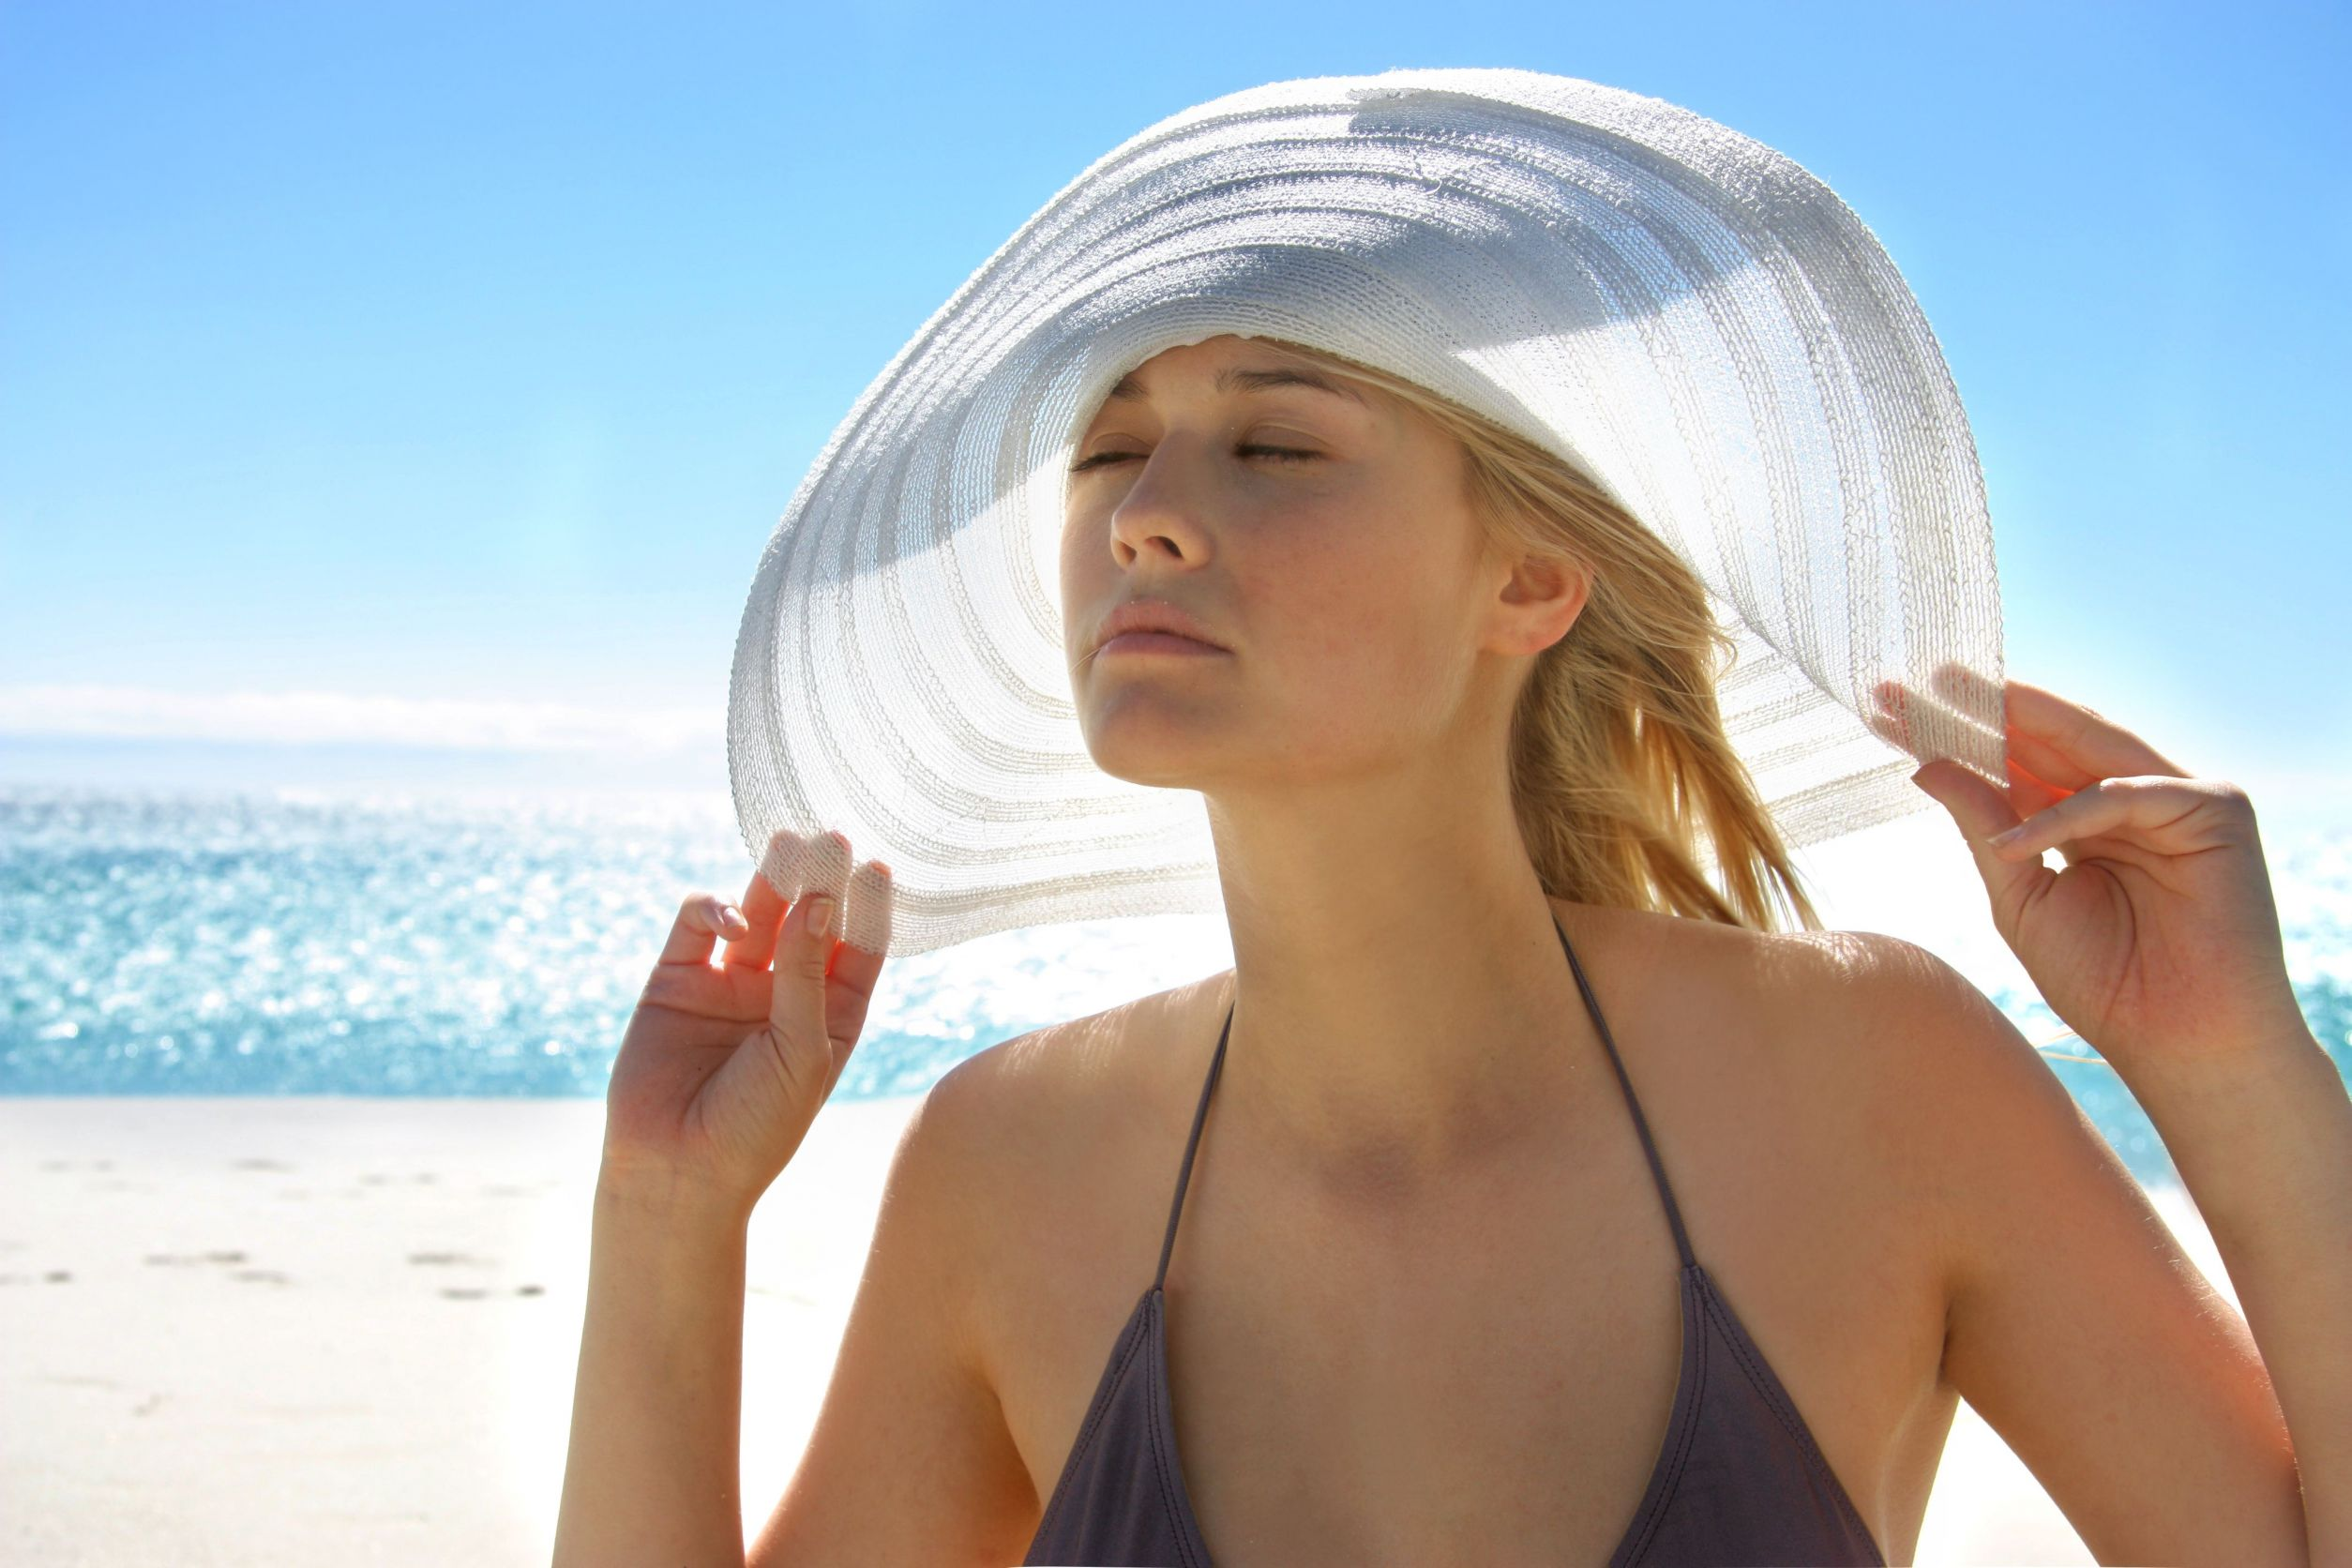 Γιατί οι ανοιχτόχρωμες κινδυνεύουν πιο πολύ από τον ήλιο; thumbnail